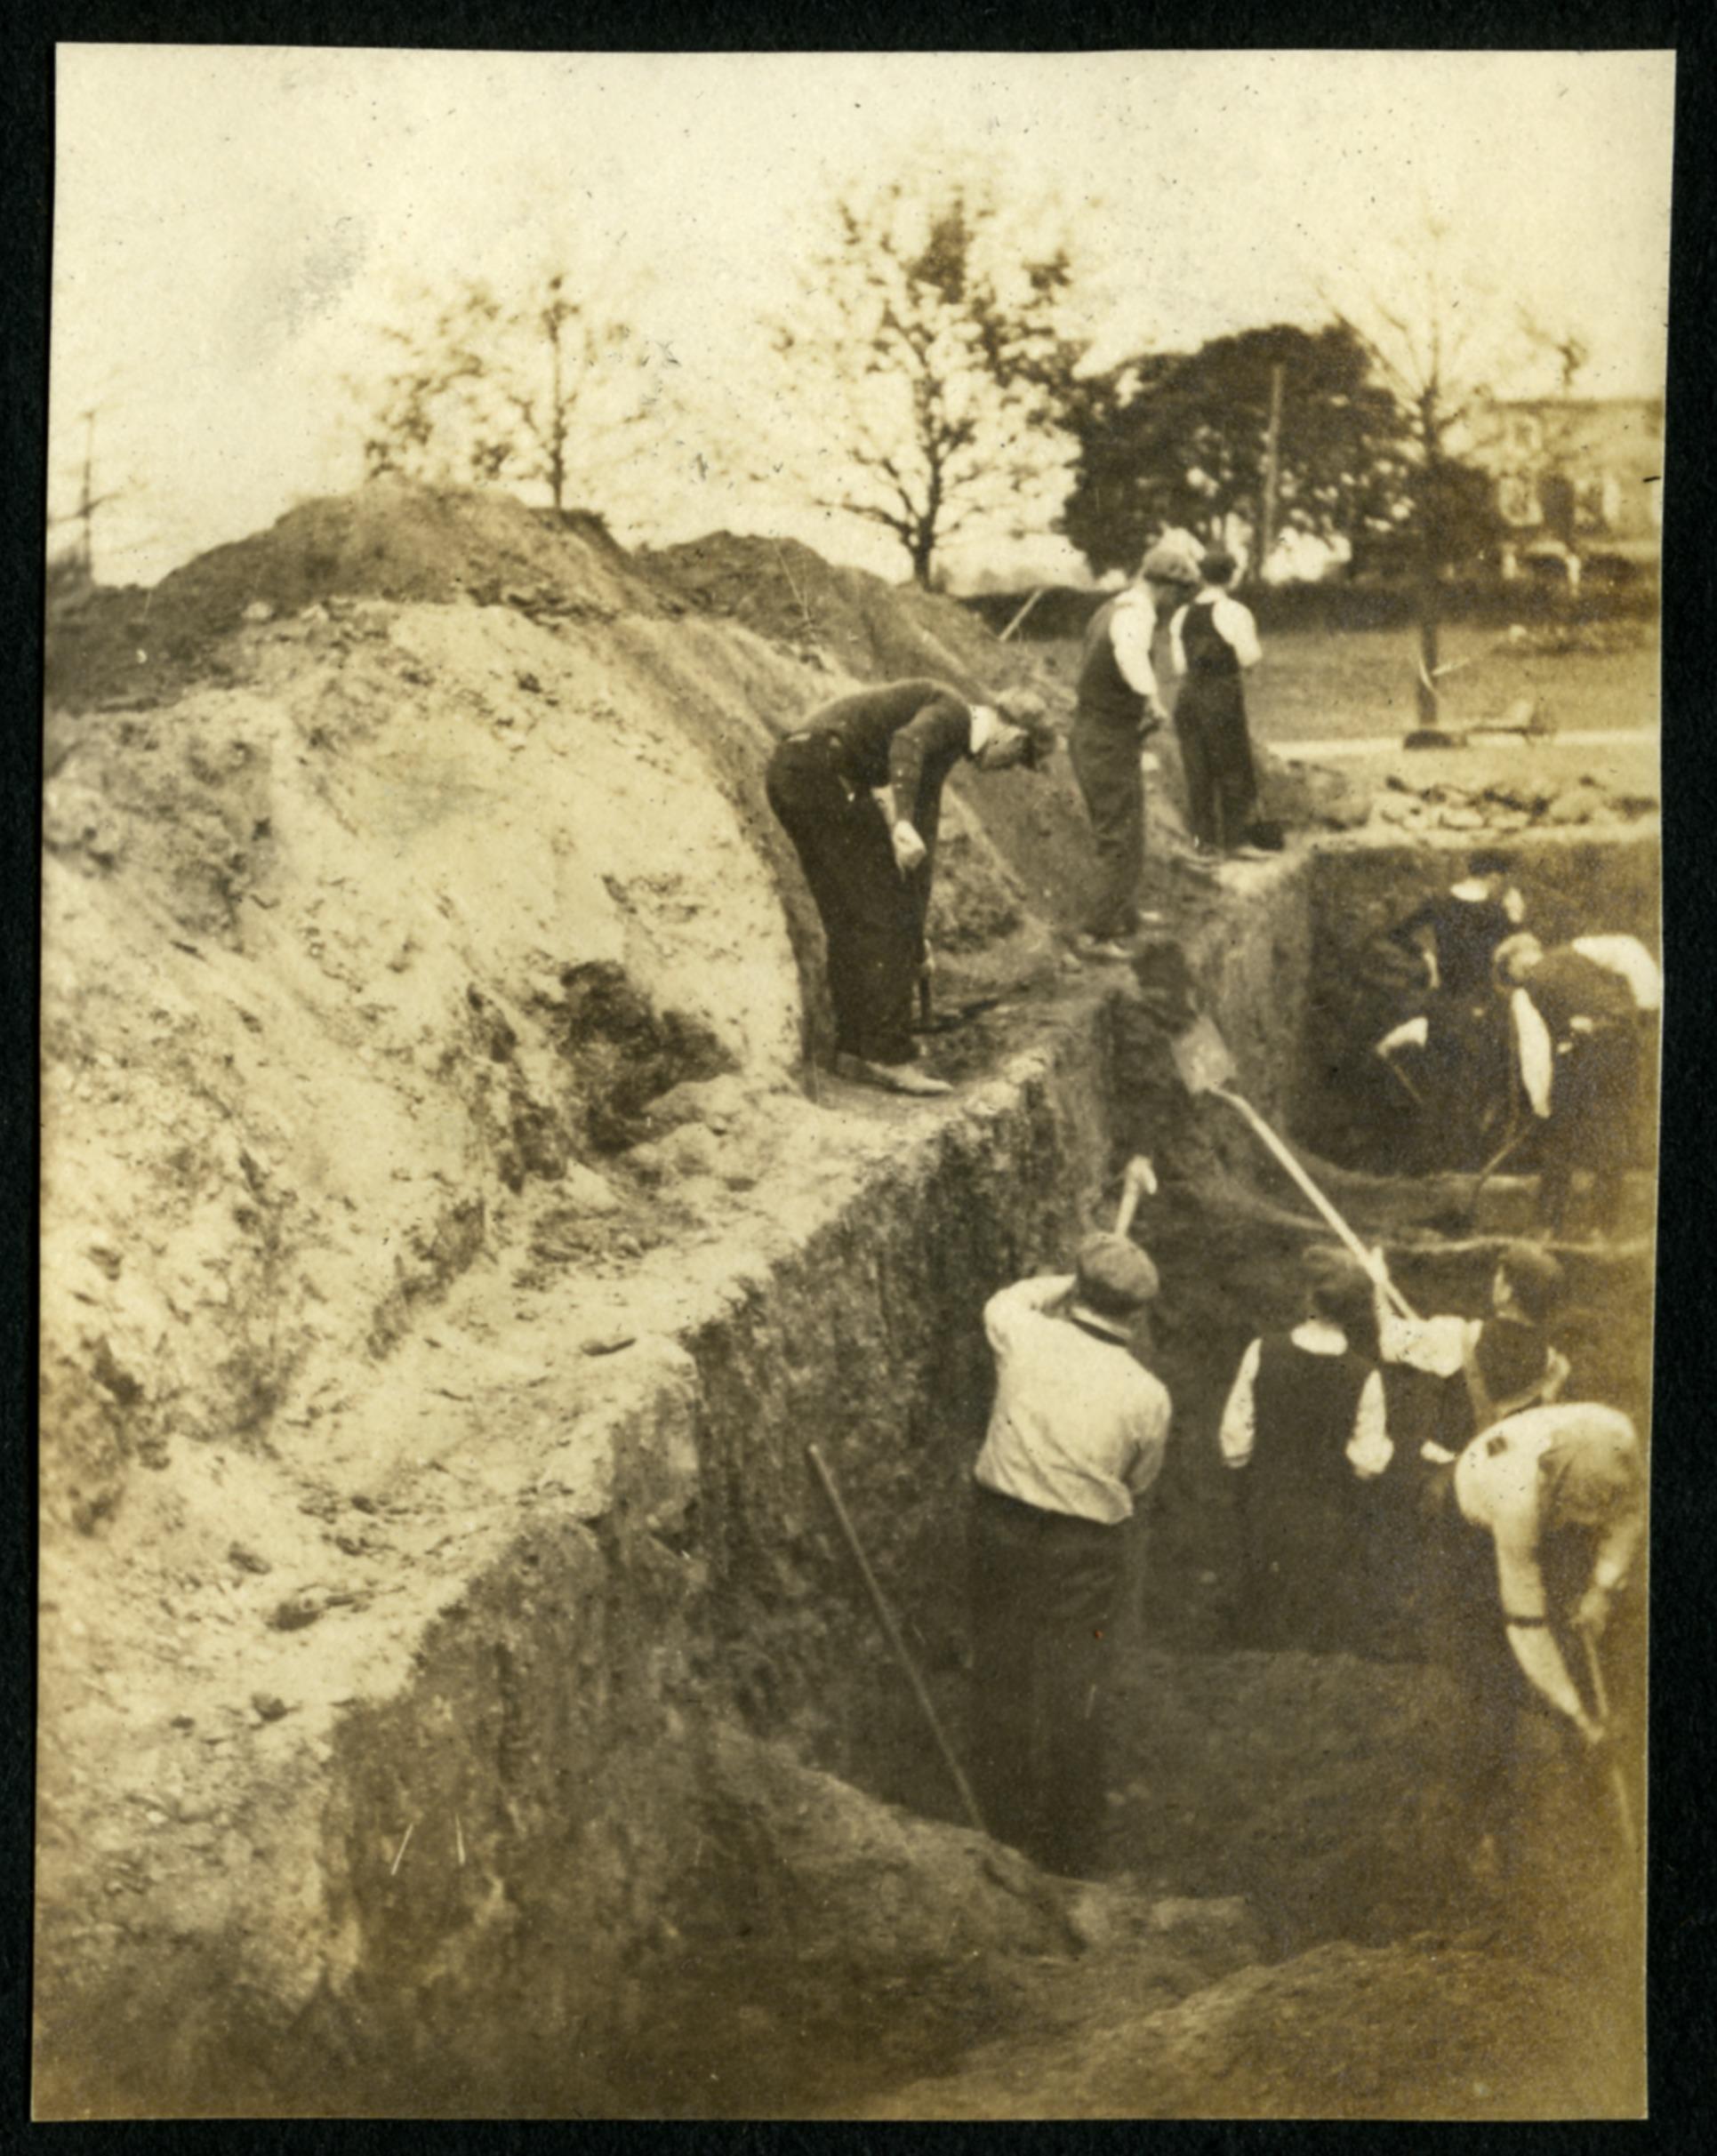 Seminarians digging graves